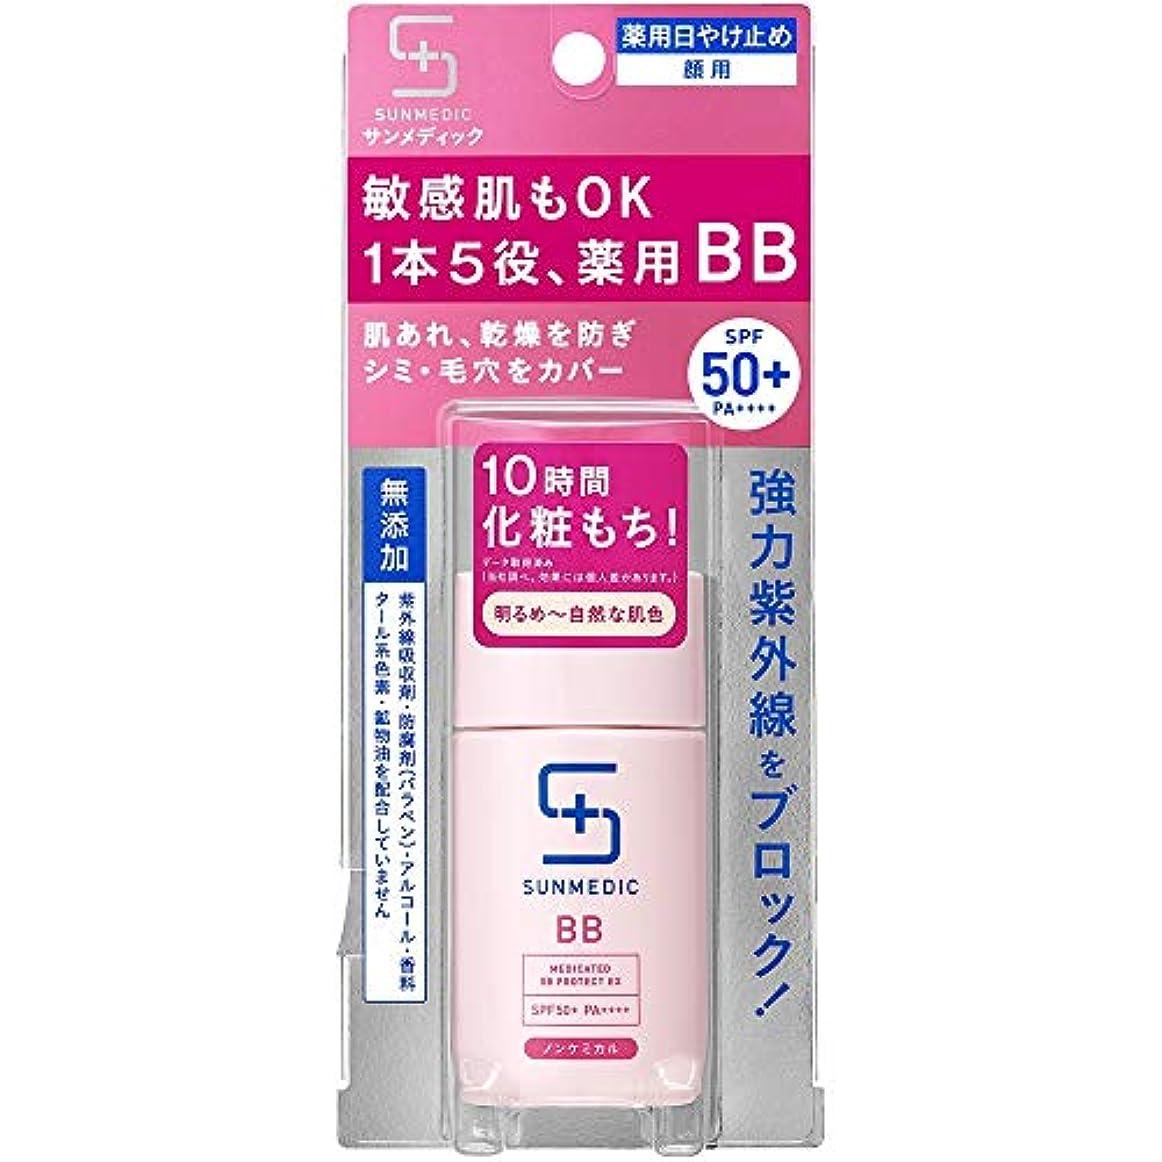 過言アクティブ確かなサンメディックUV 薬用BBプロテクトEX ライト 30ml (医薬部外品)